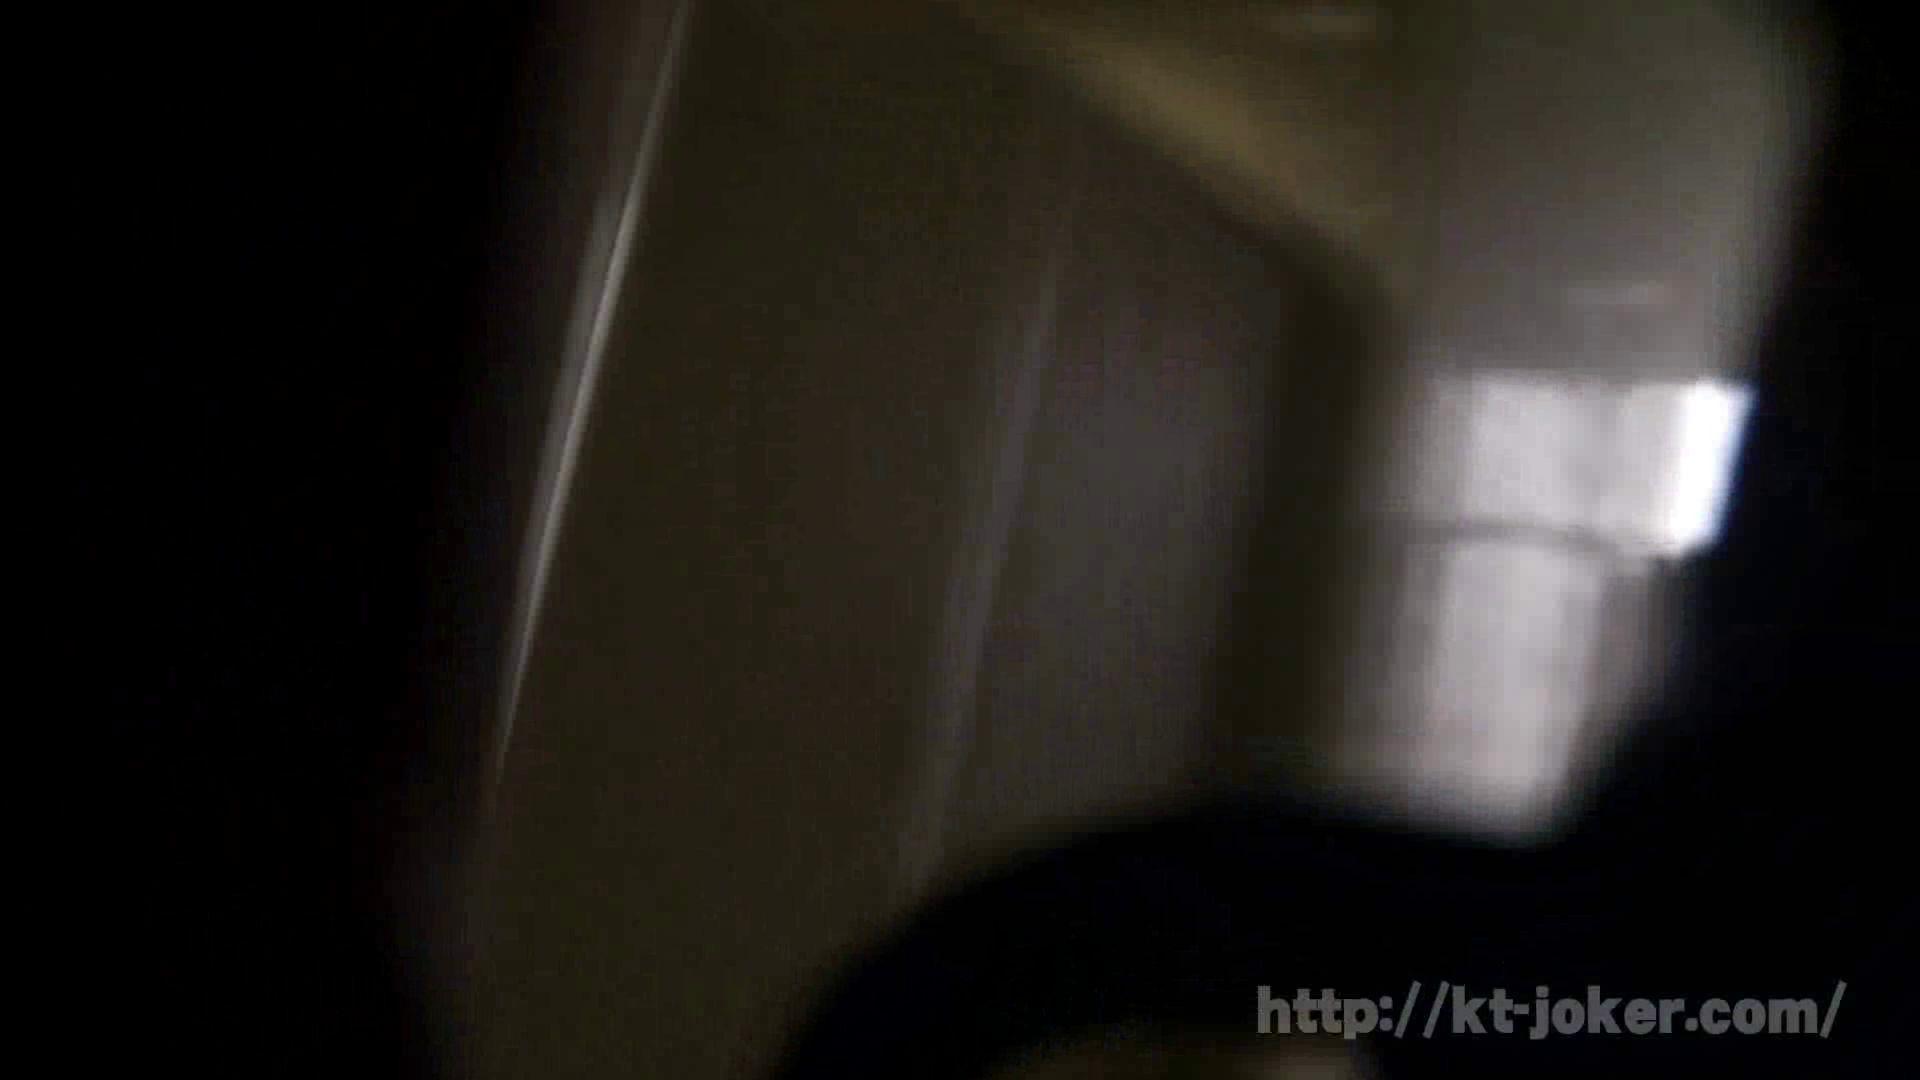 命がけ潜伏洗面所! vol.71 典型的な韓国人美女登場!! 美女ヌード | プライベート  82画像 29